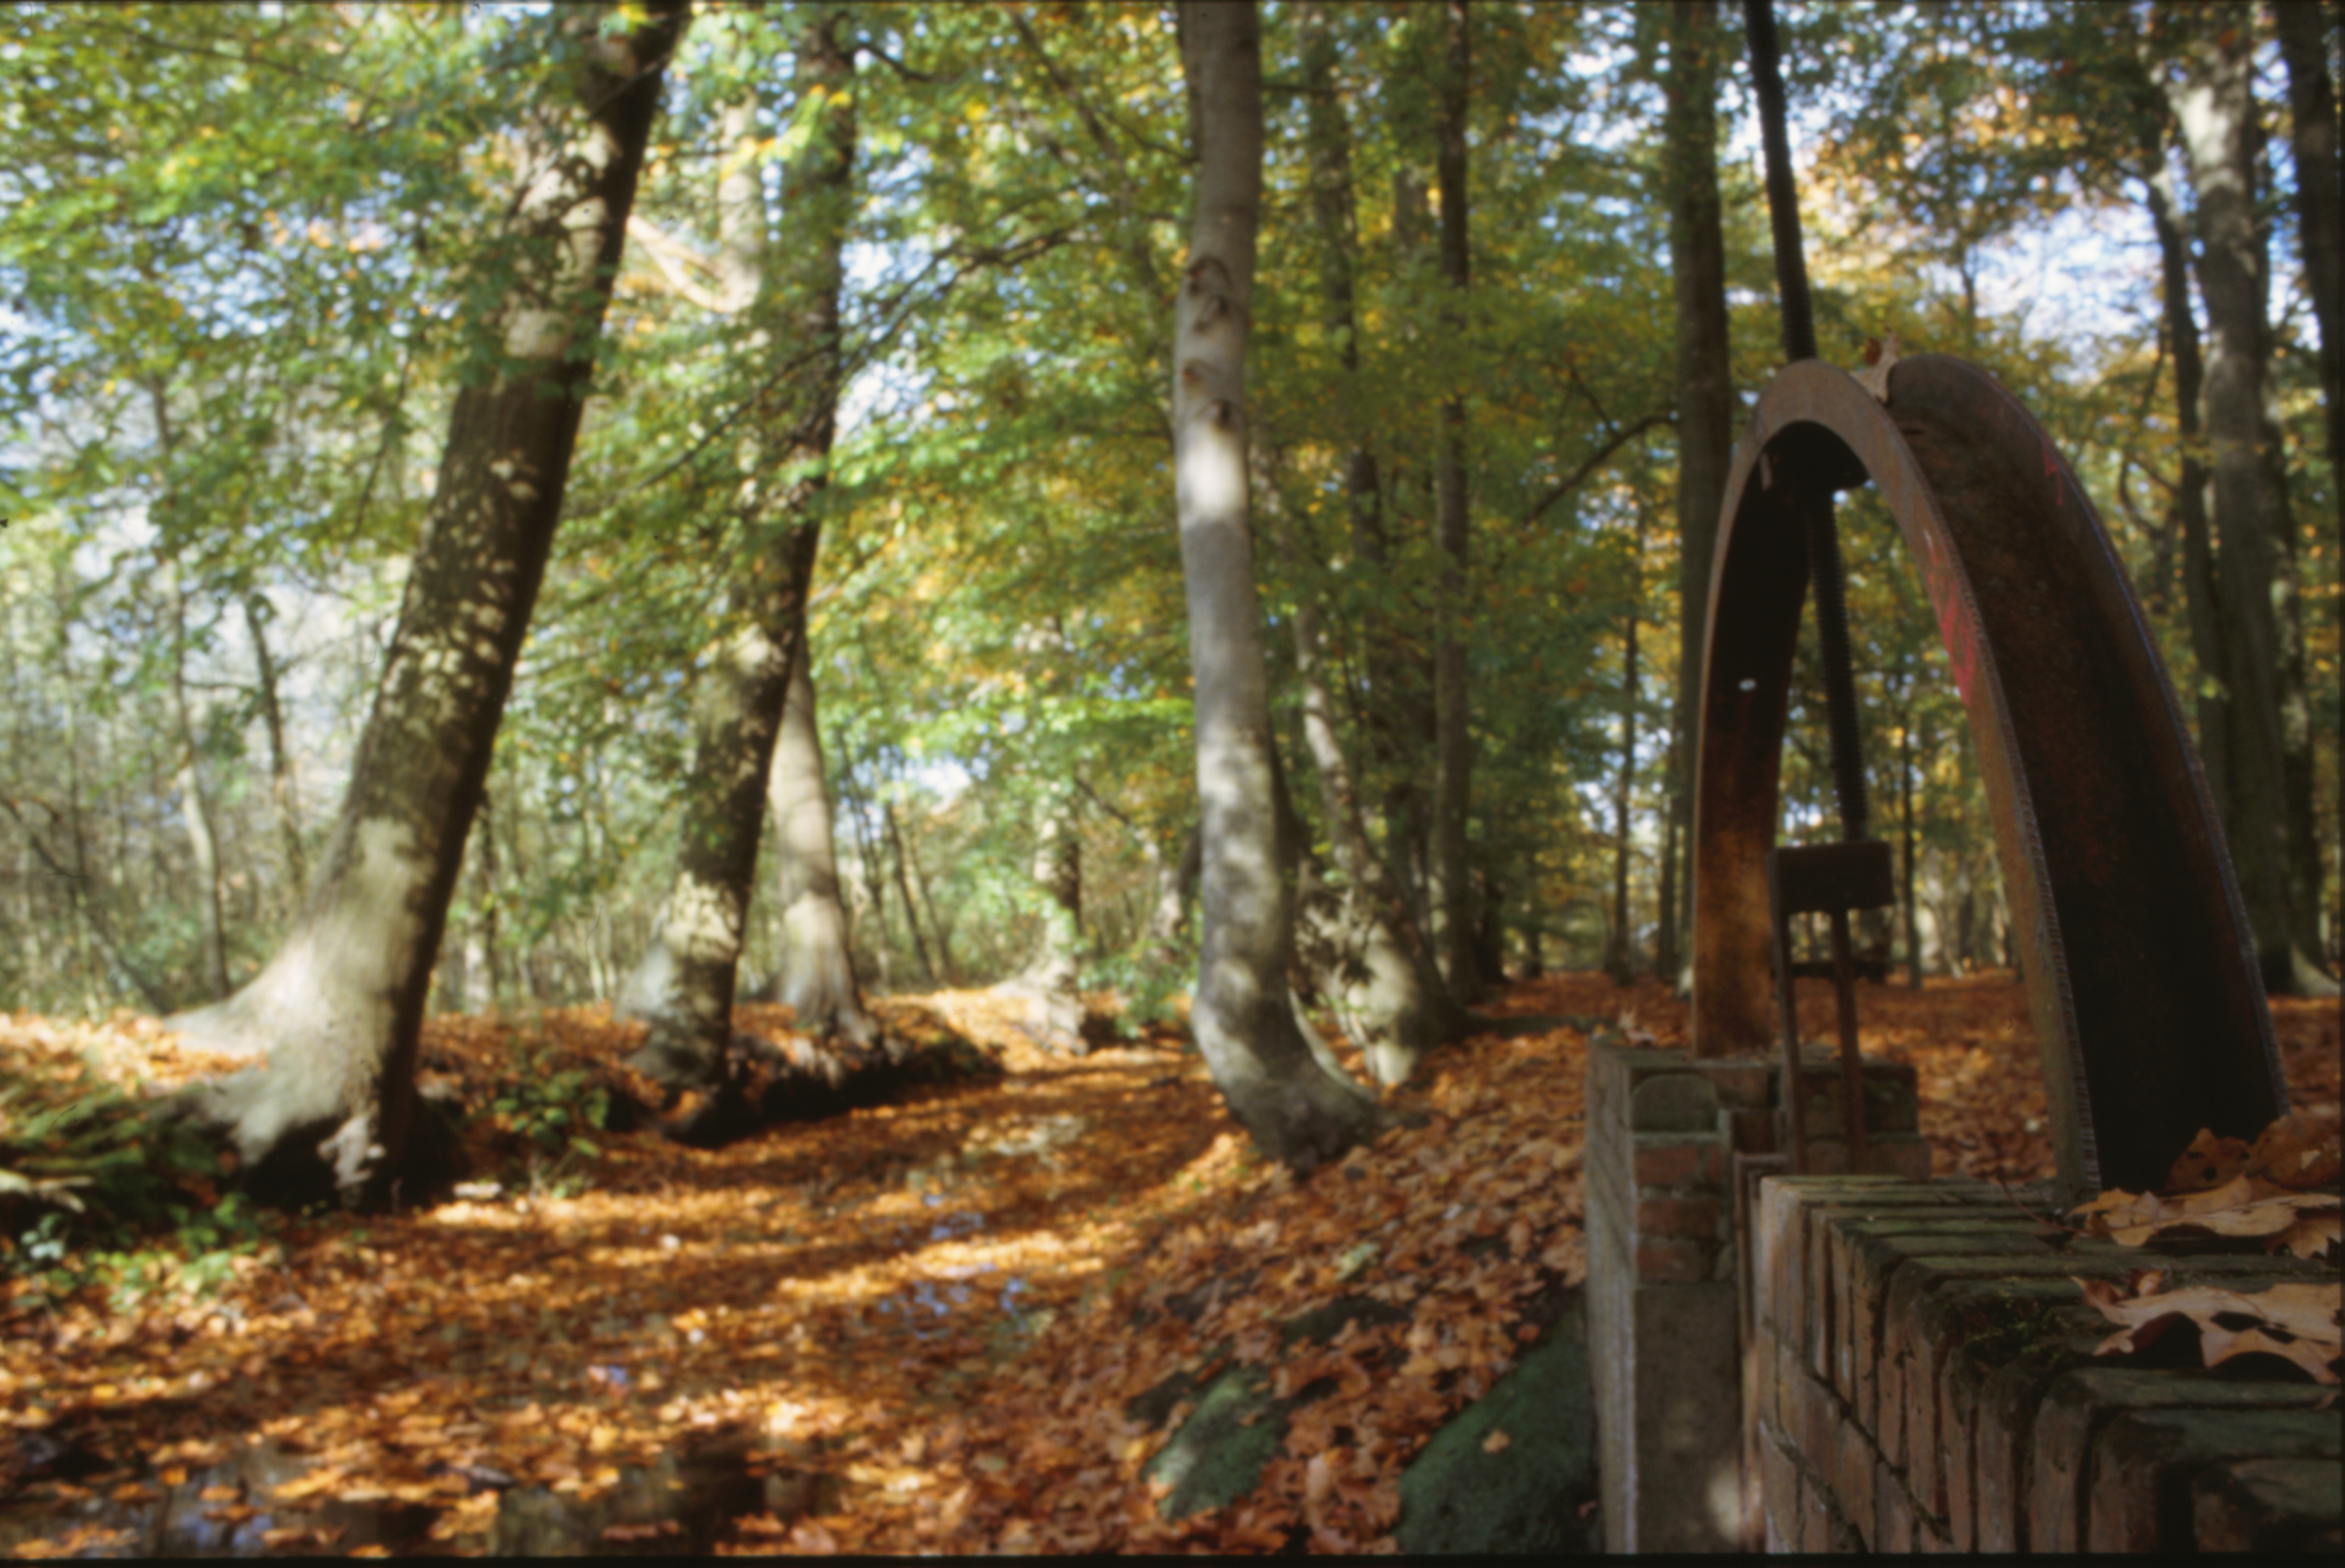 Woods photo